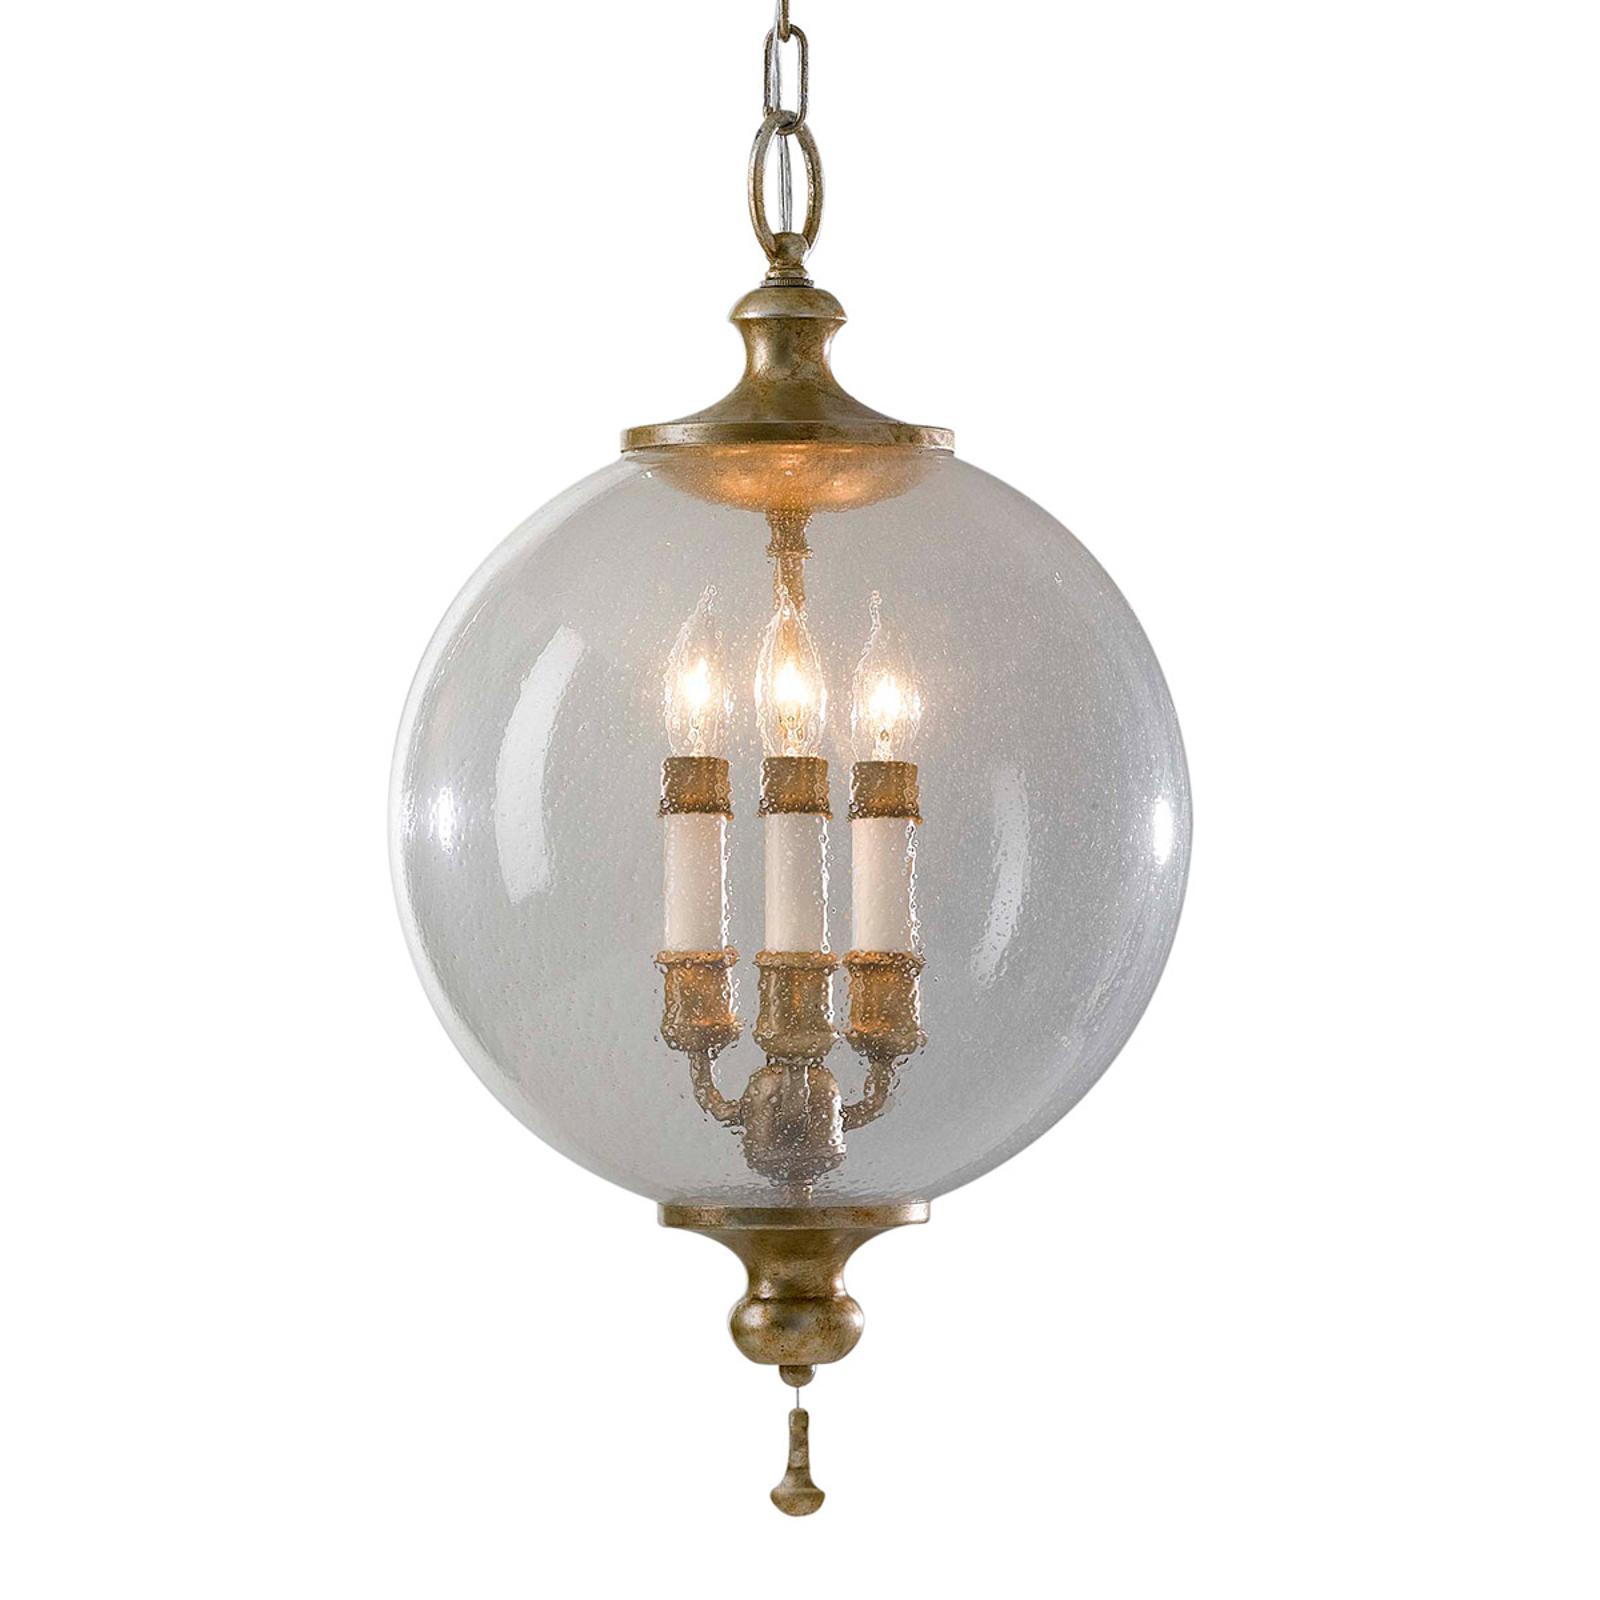 Závesná lampa Argento so sklenenou guľou_3048240_1